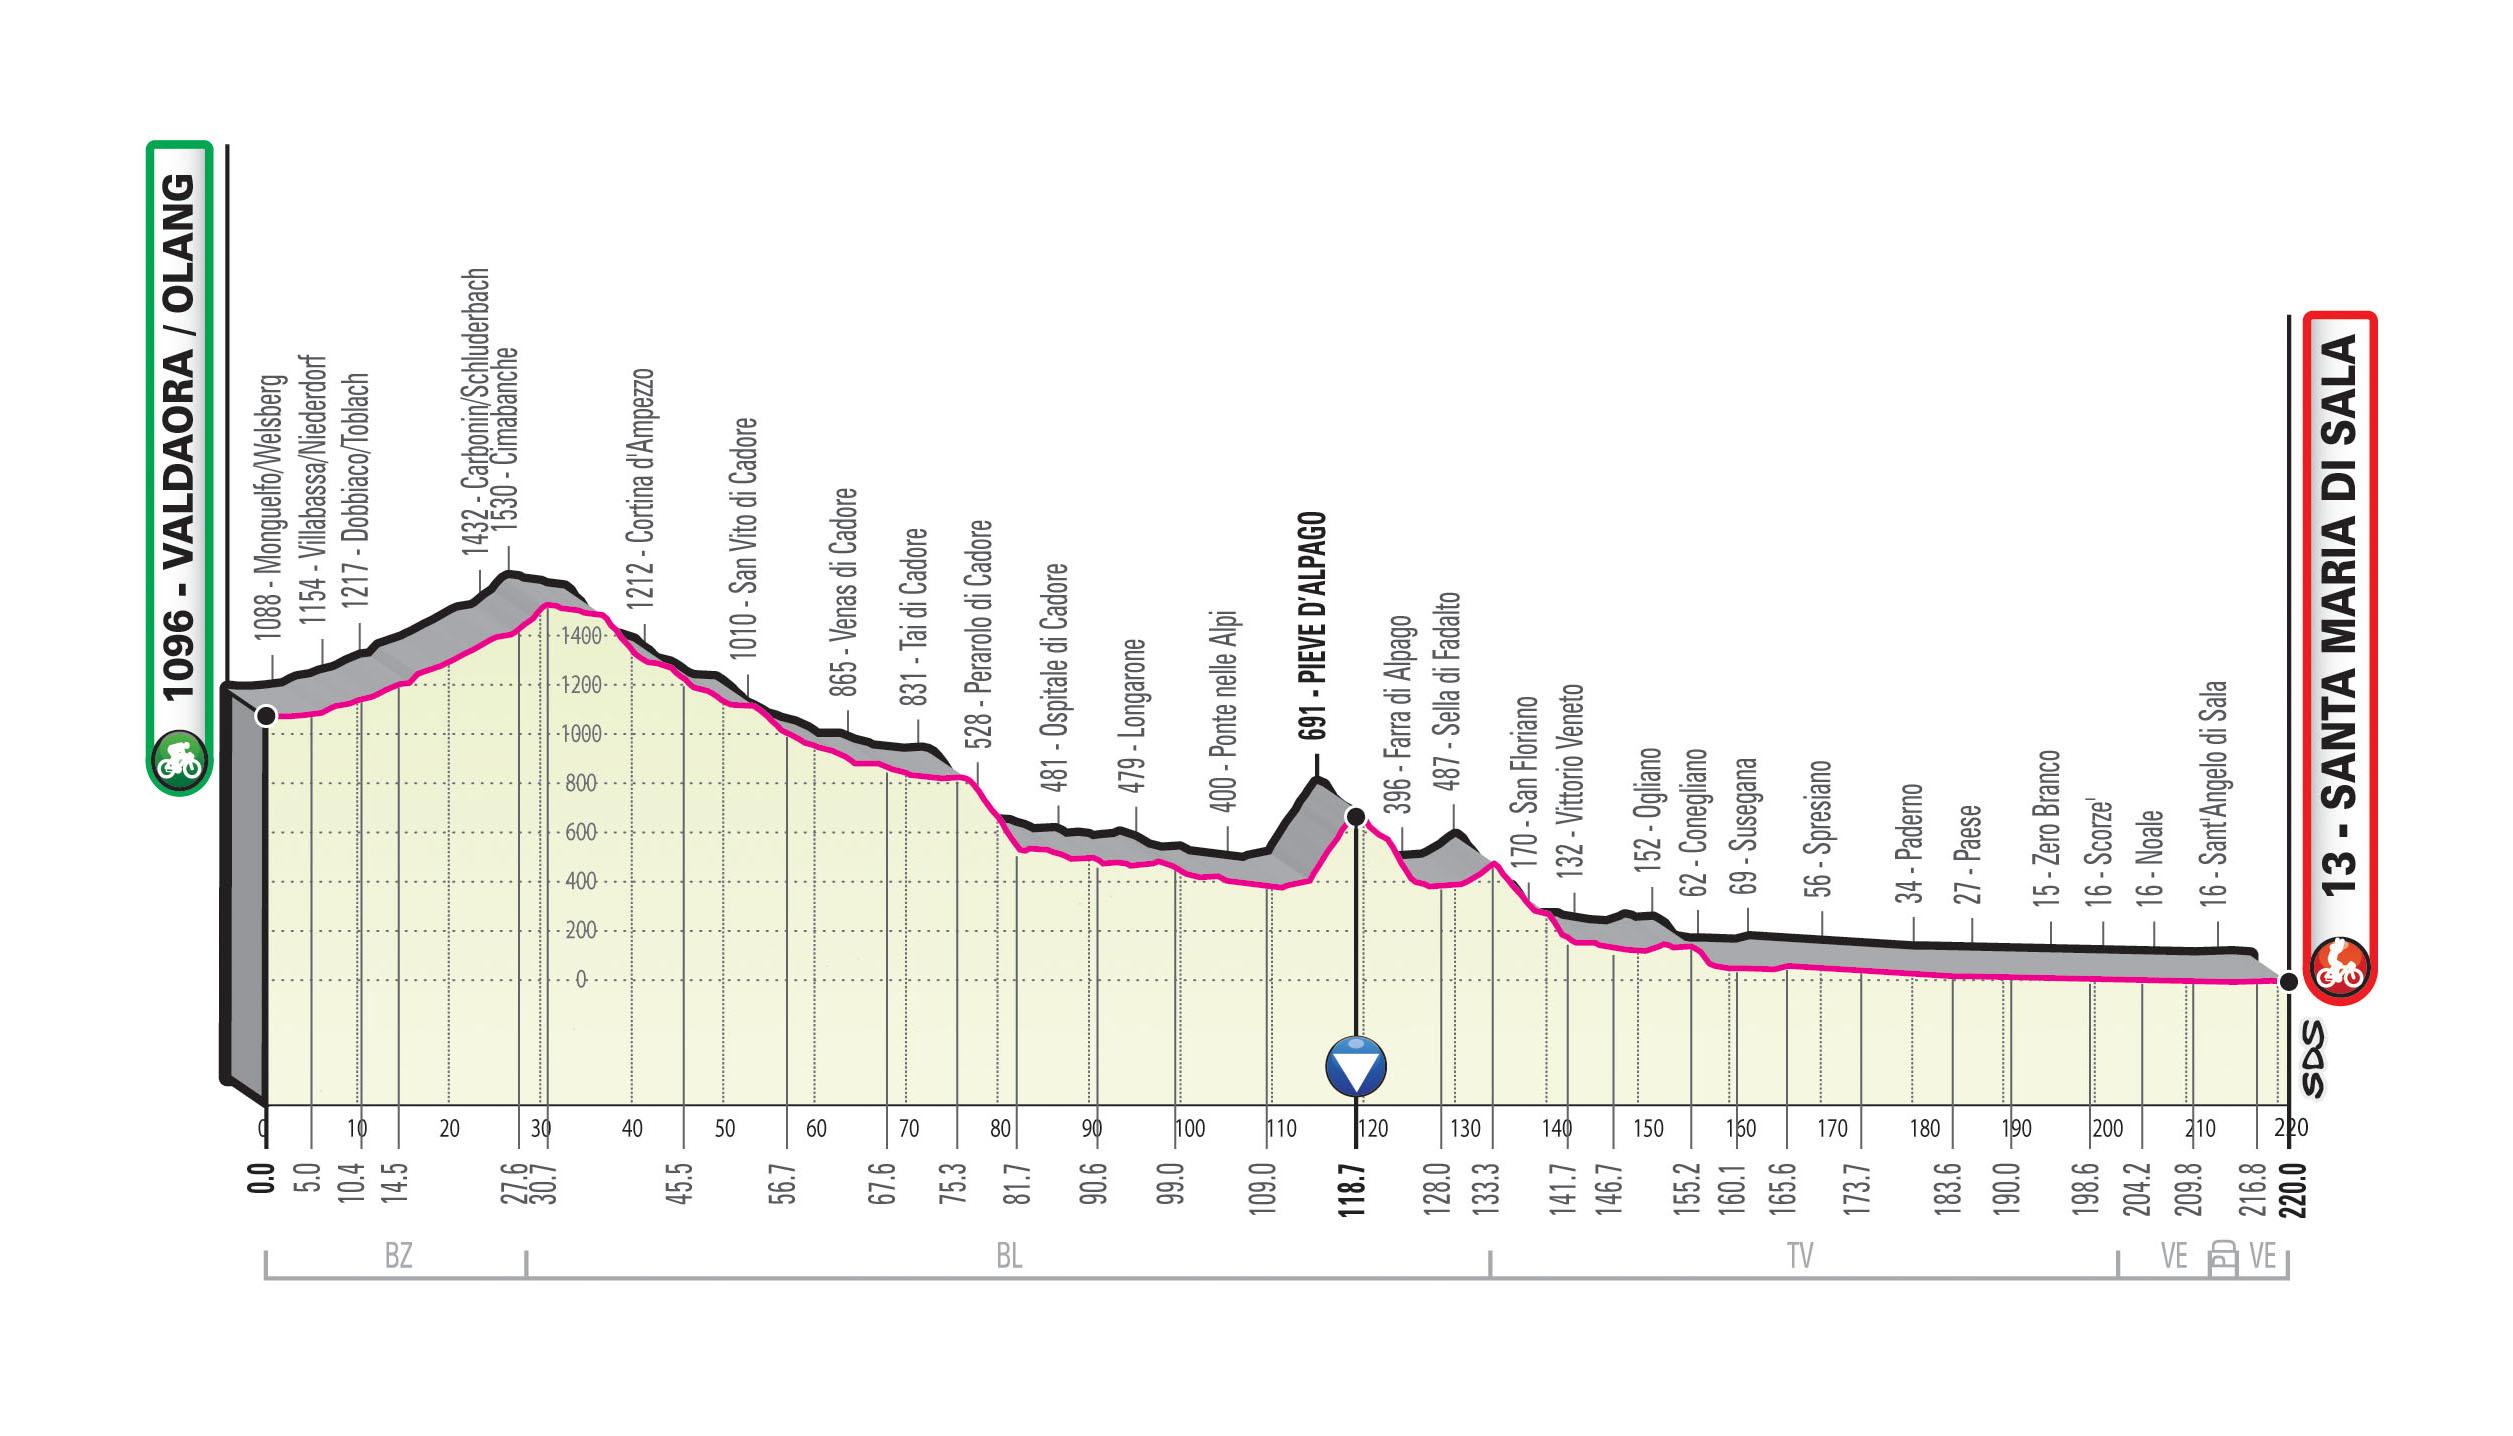 Spoznajmo Giro: Ravnina z rahlim spuščanjem